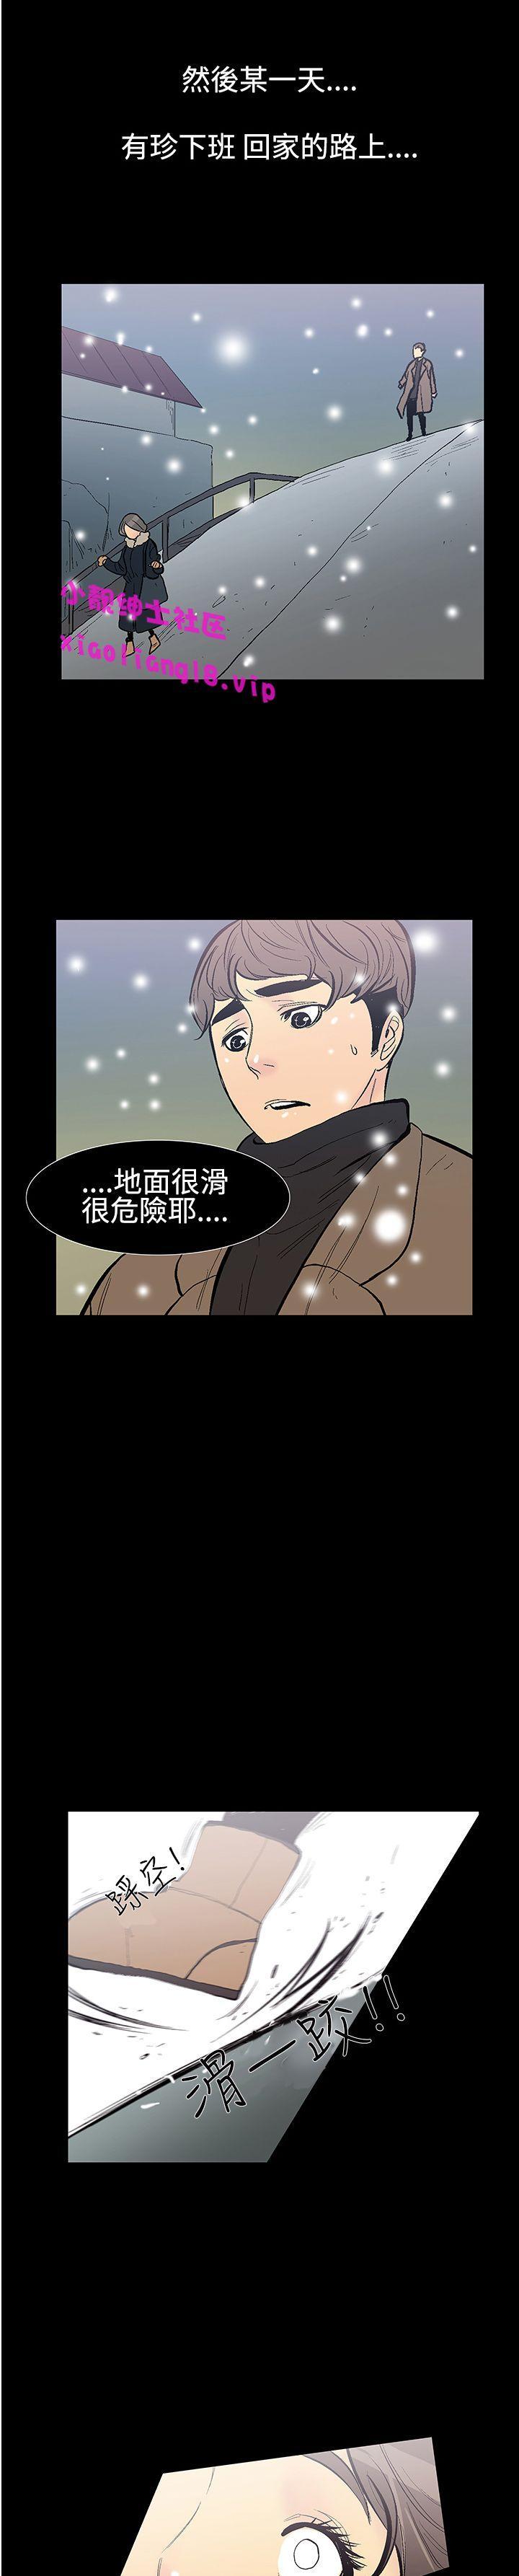 中文韩漫 無法停止的甜蜜關係 Ch.0-12 78